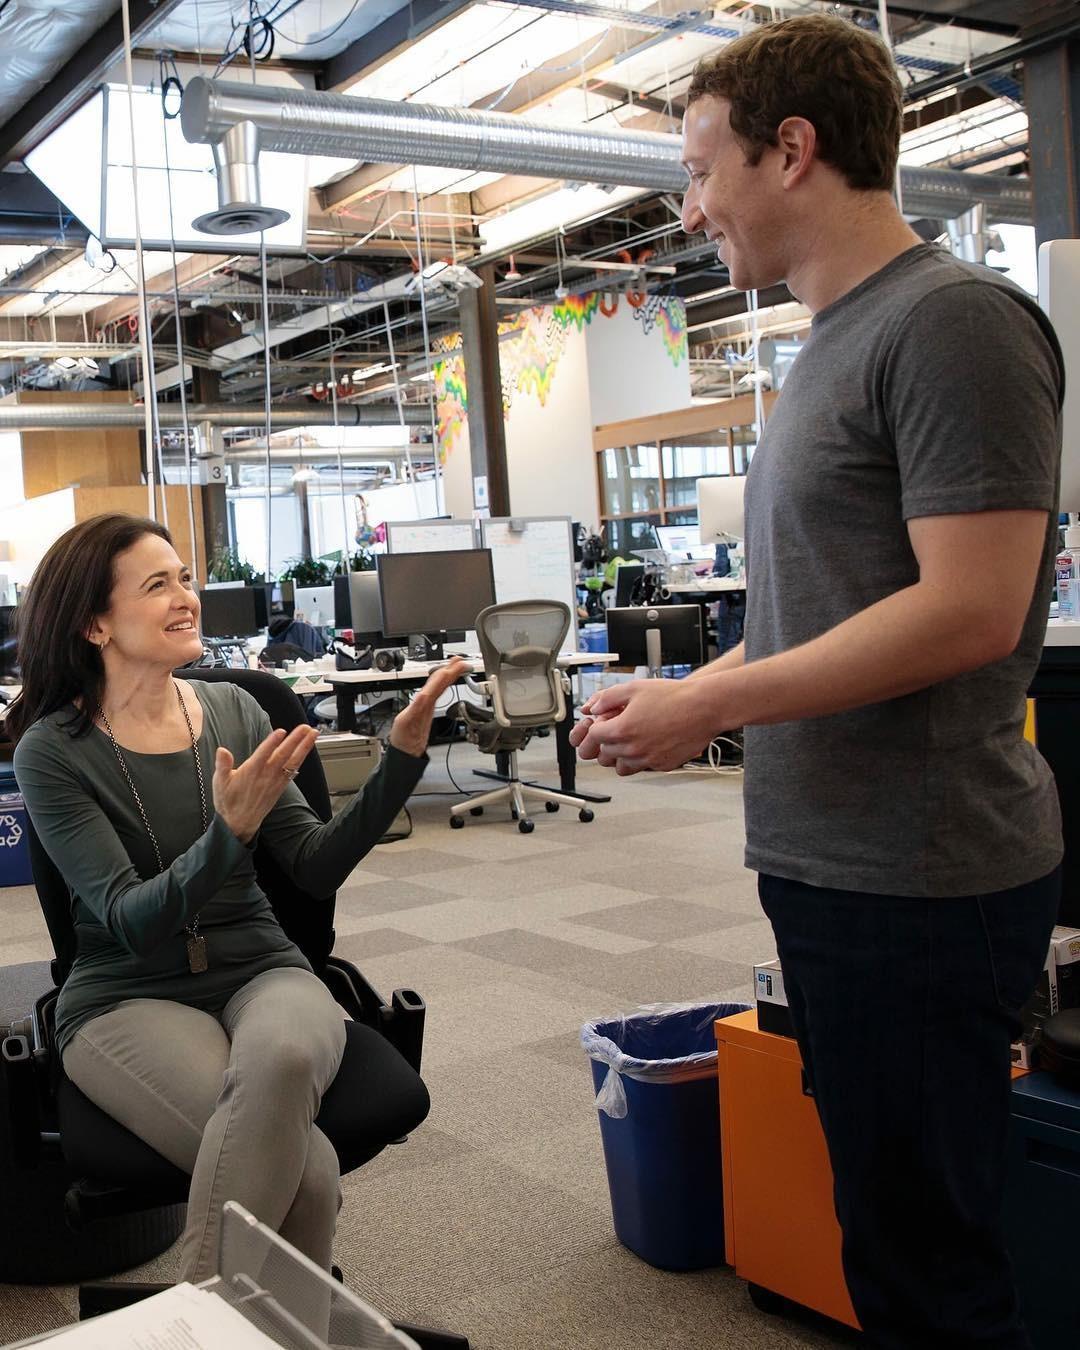 Марк Цукерберг и исполнительный директор Facebook Шерил Сэндберг. Фото: © Instagram/zuck